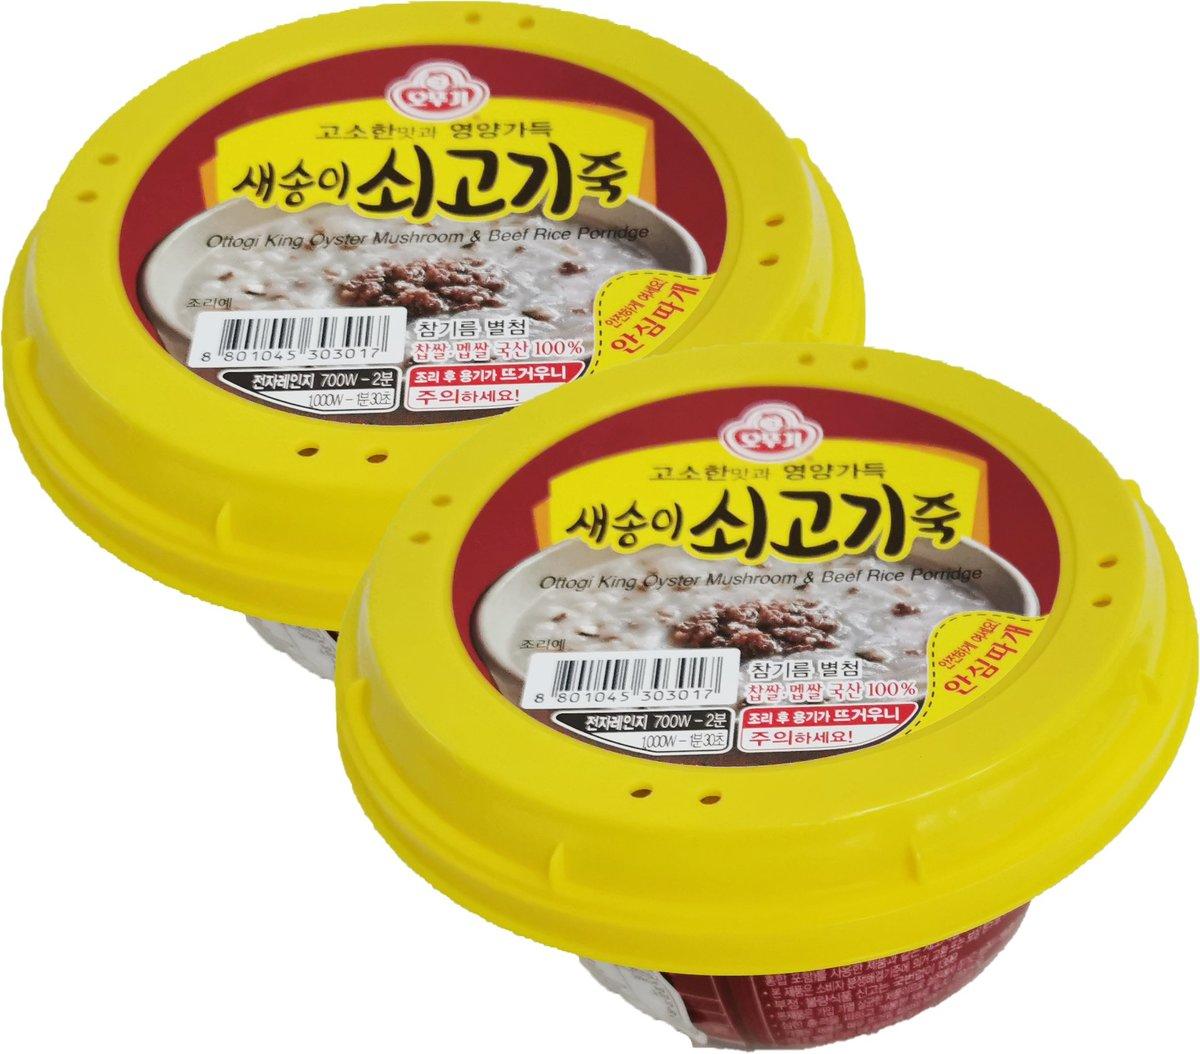 雞腿菇牛肉粥 (285克 X 2)